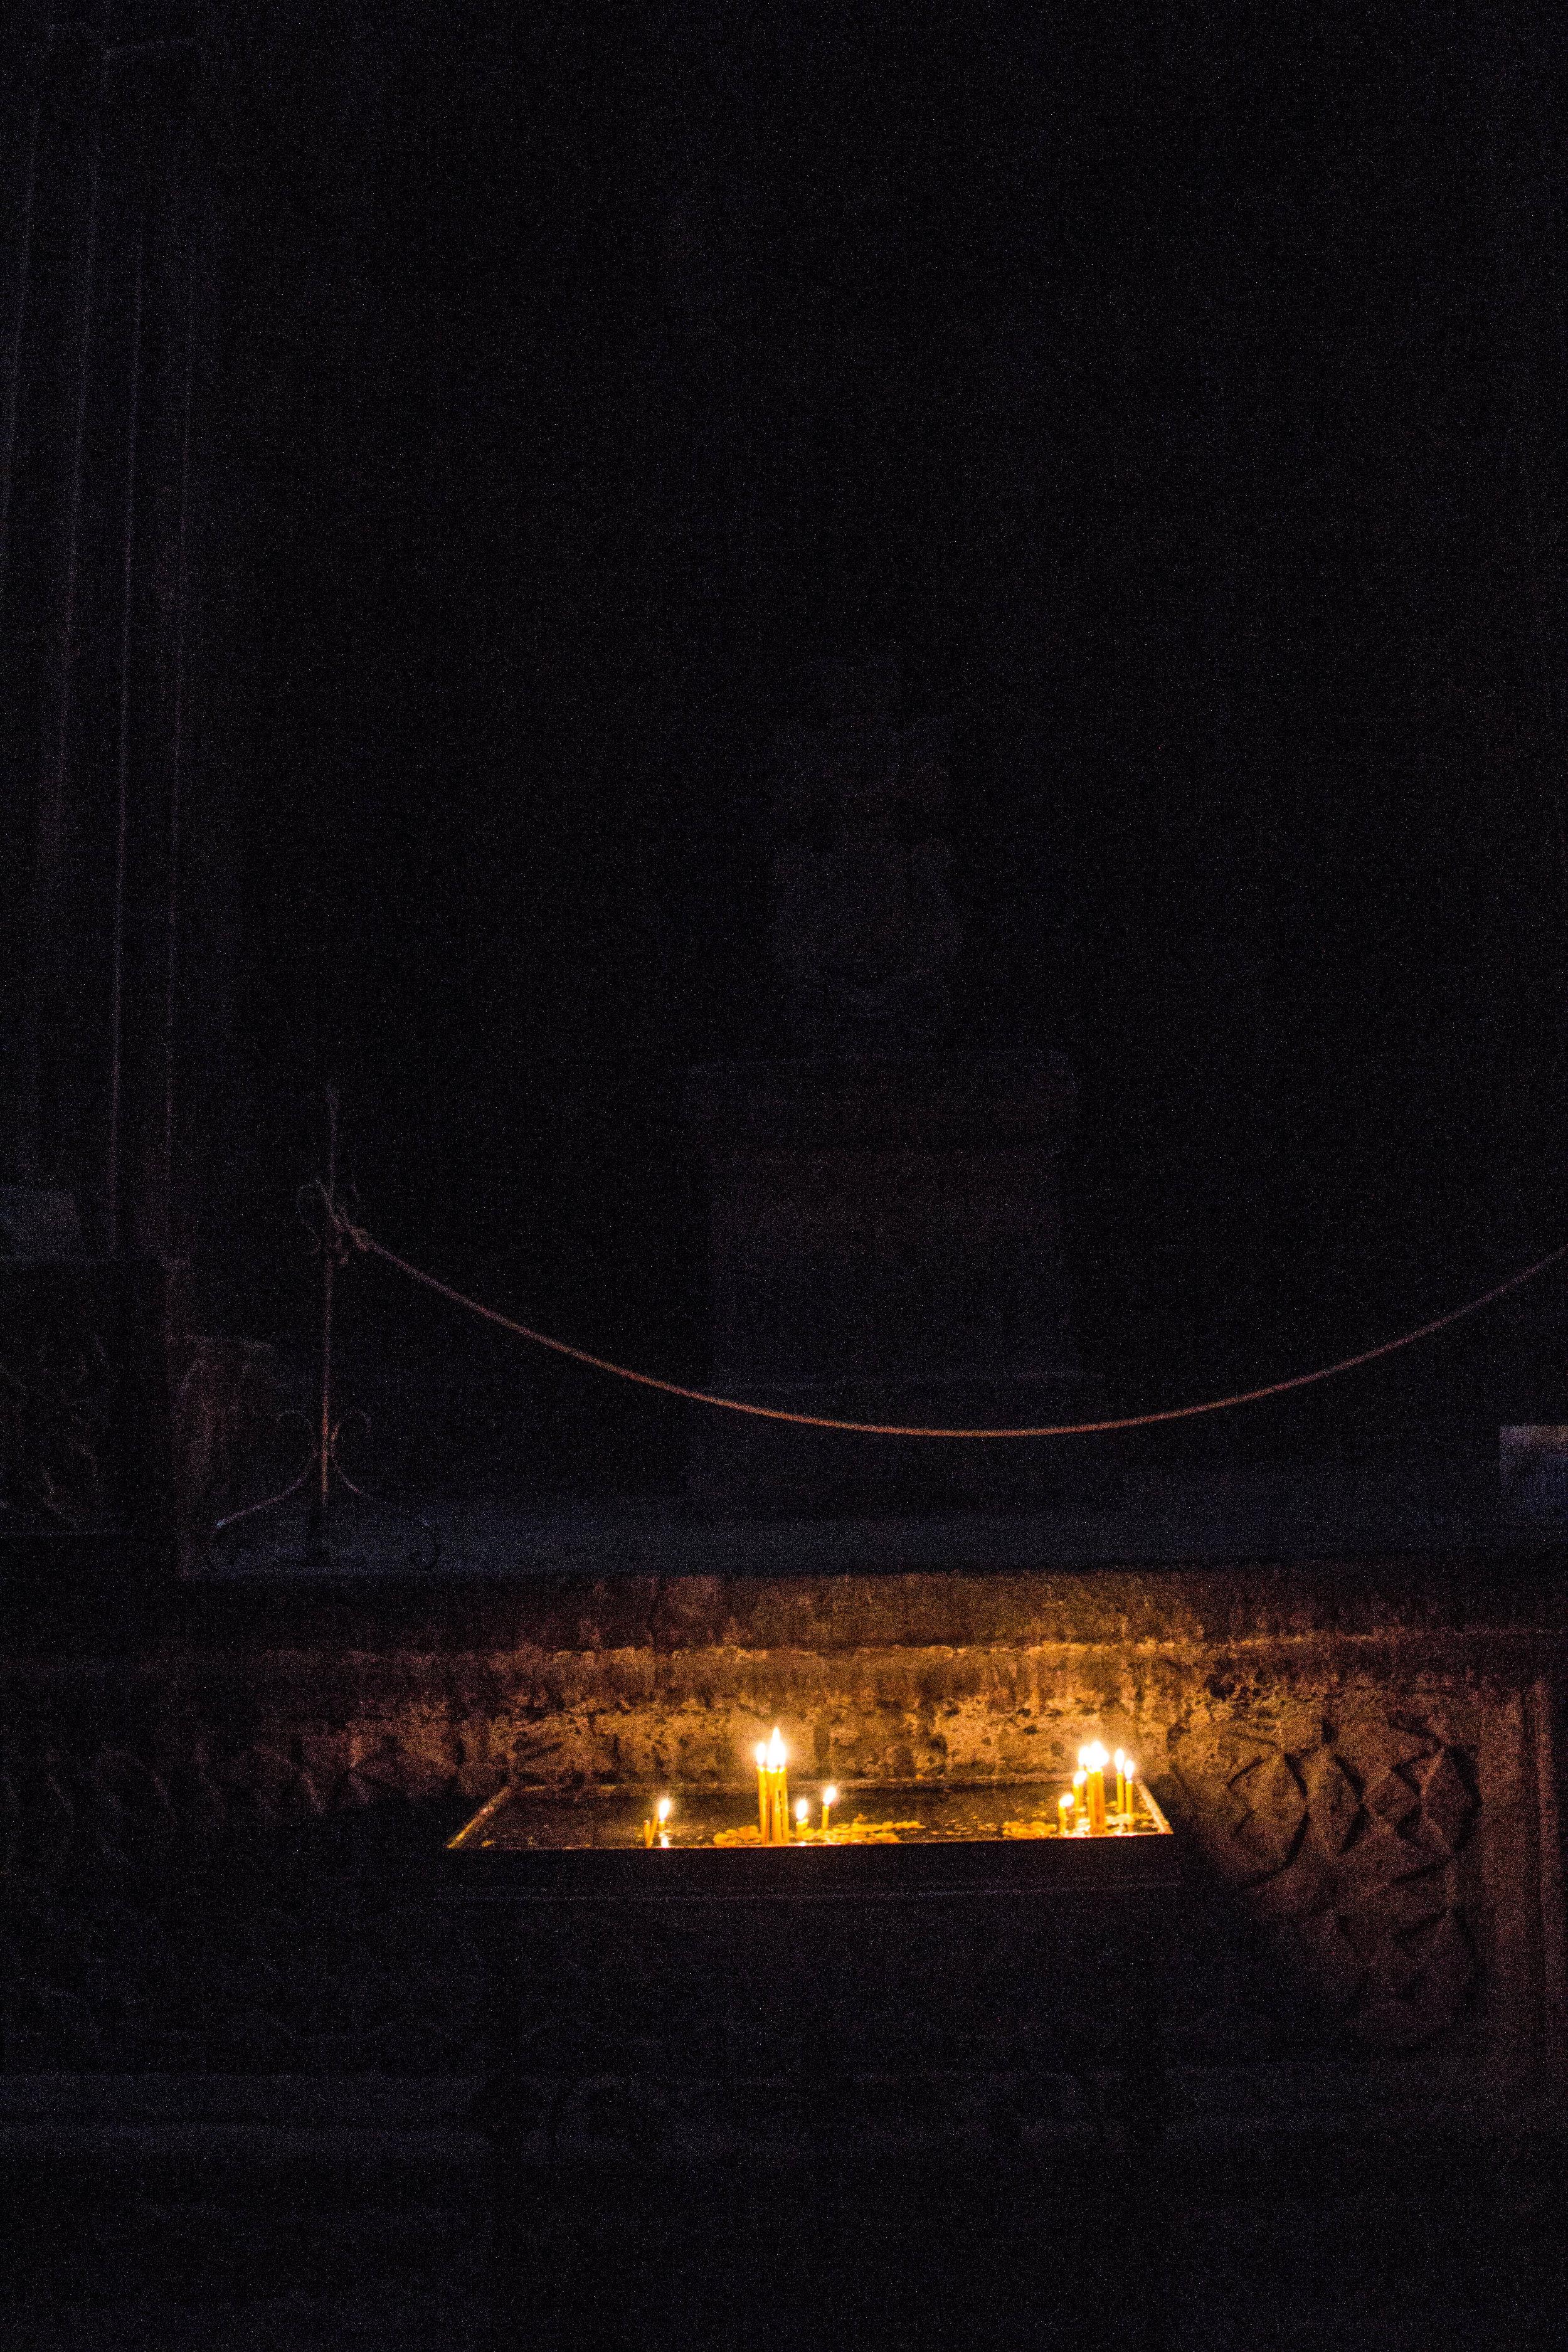 geghard-armenia-8.jpg